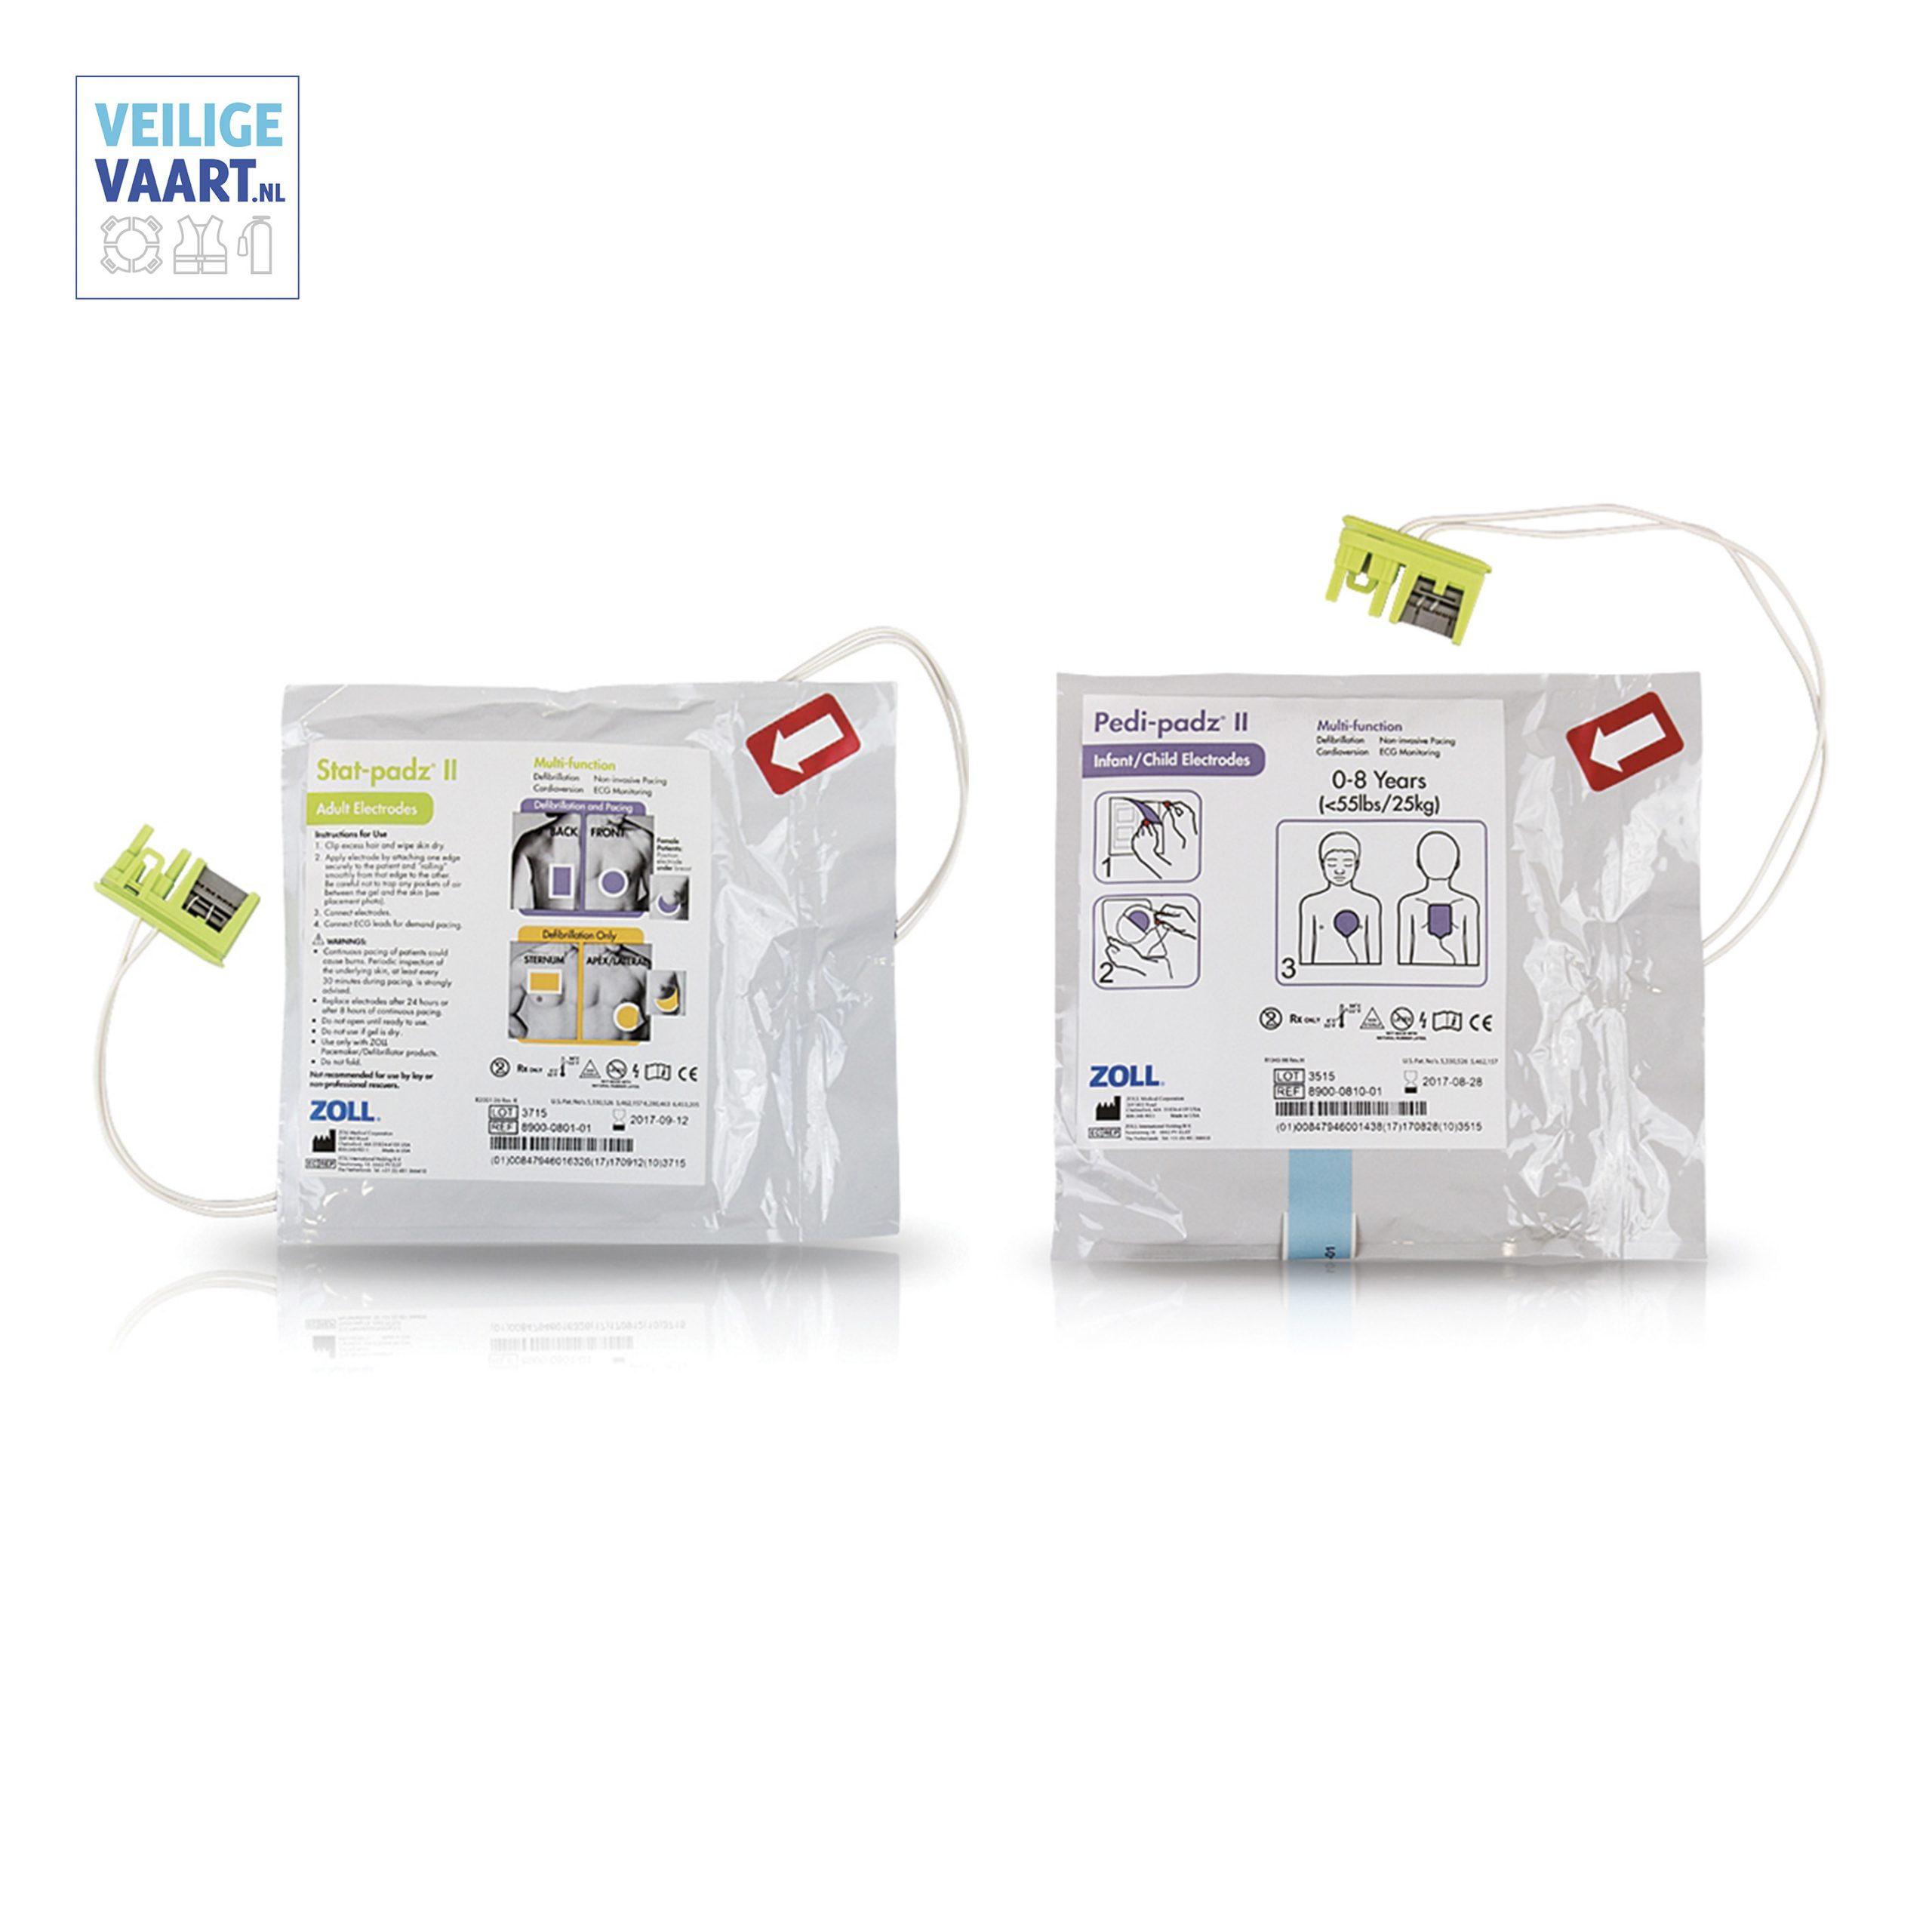 Zoll elektrode AED